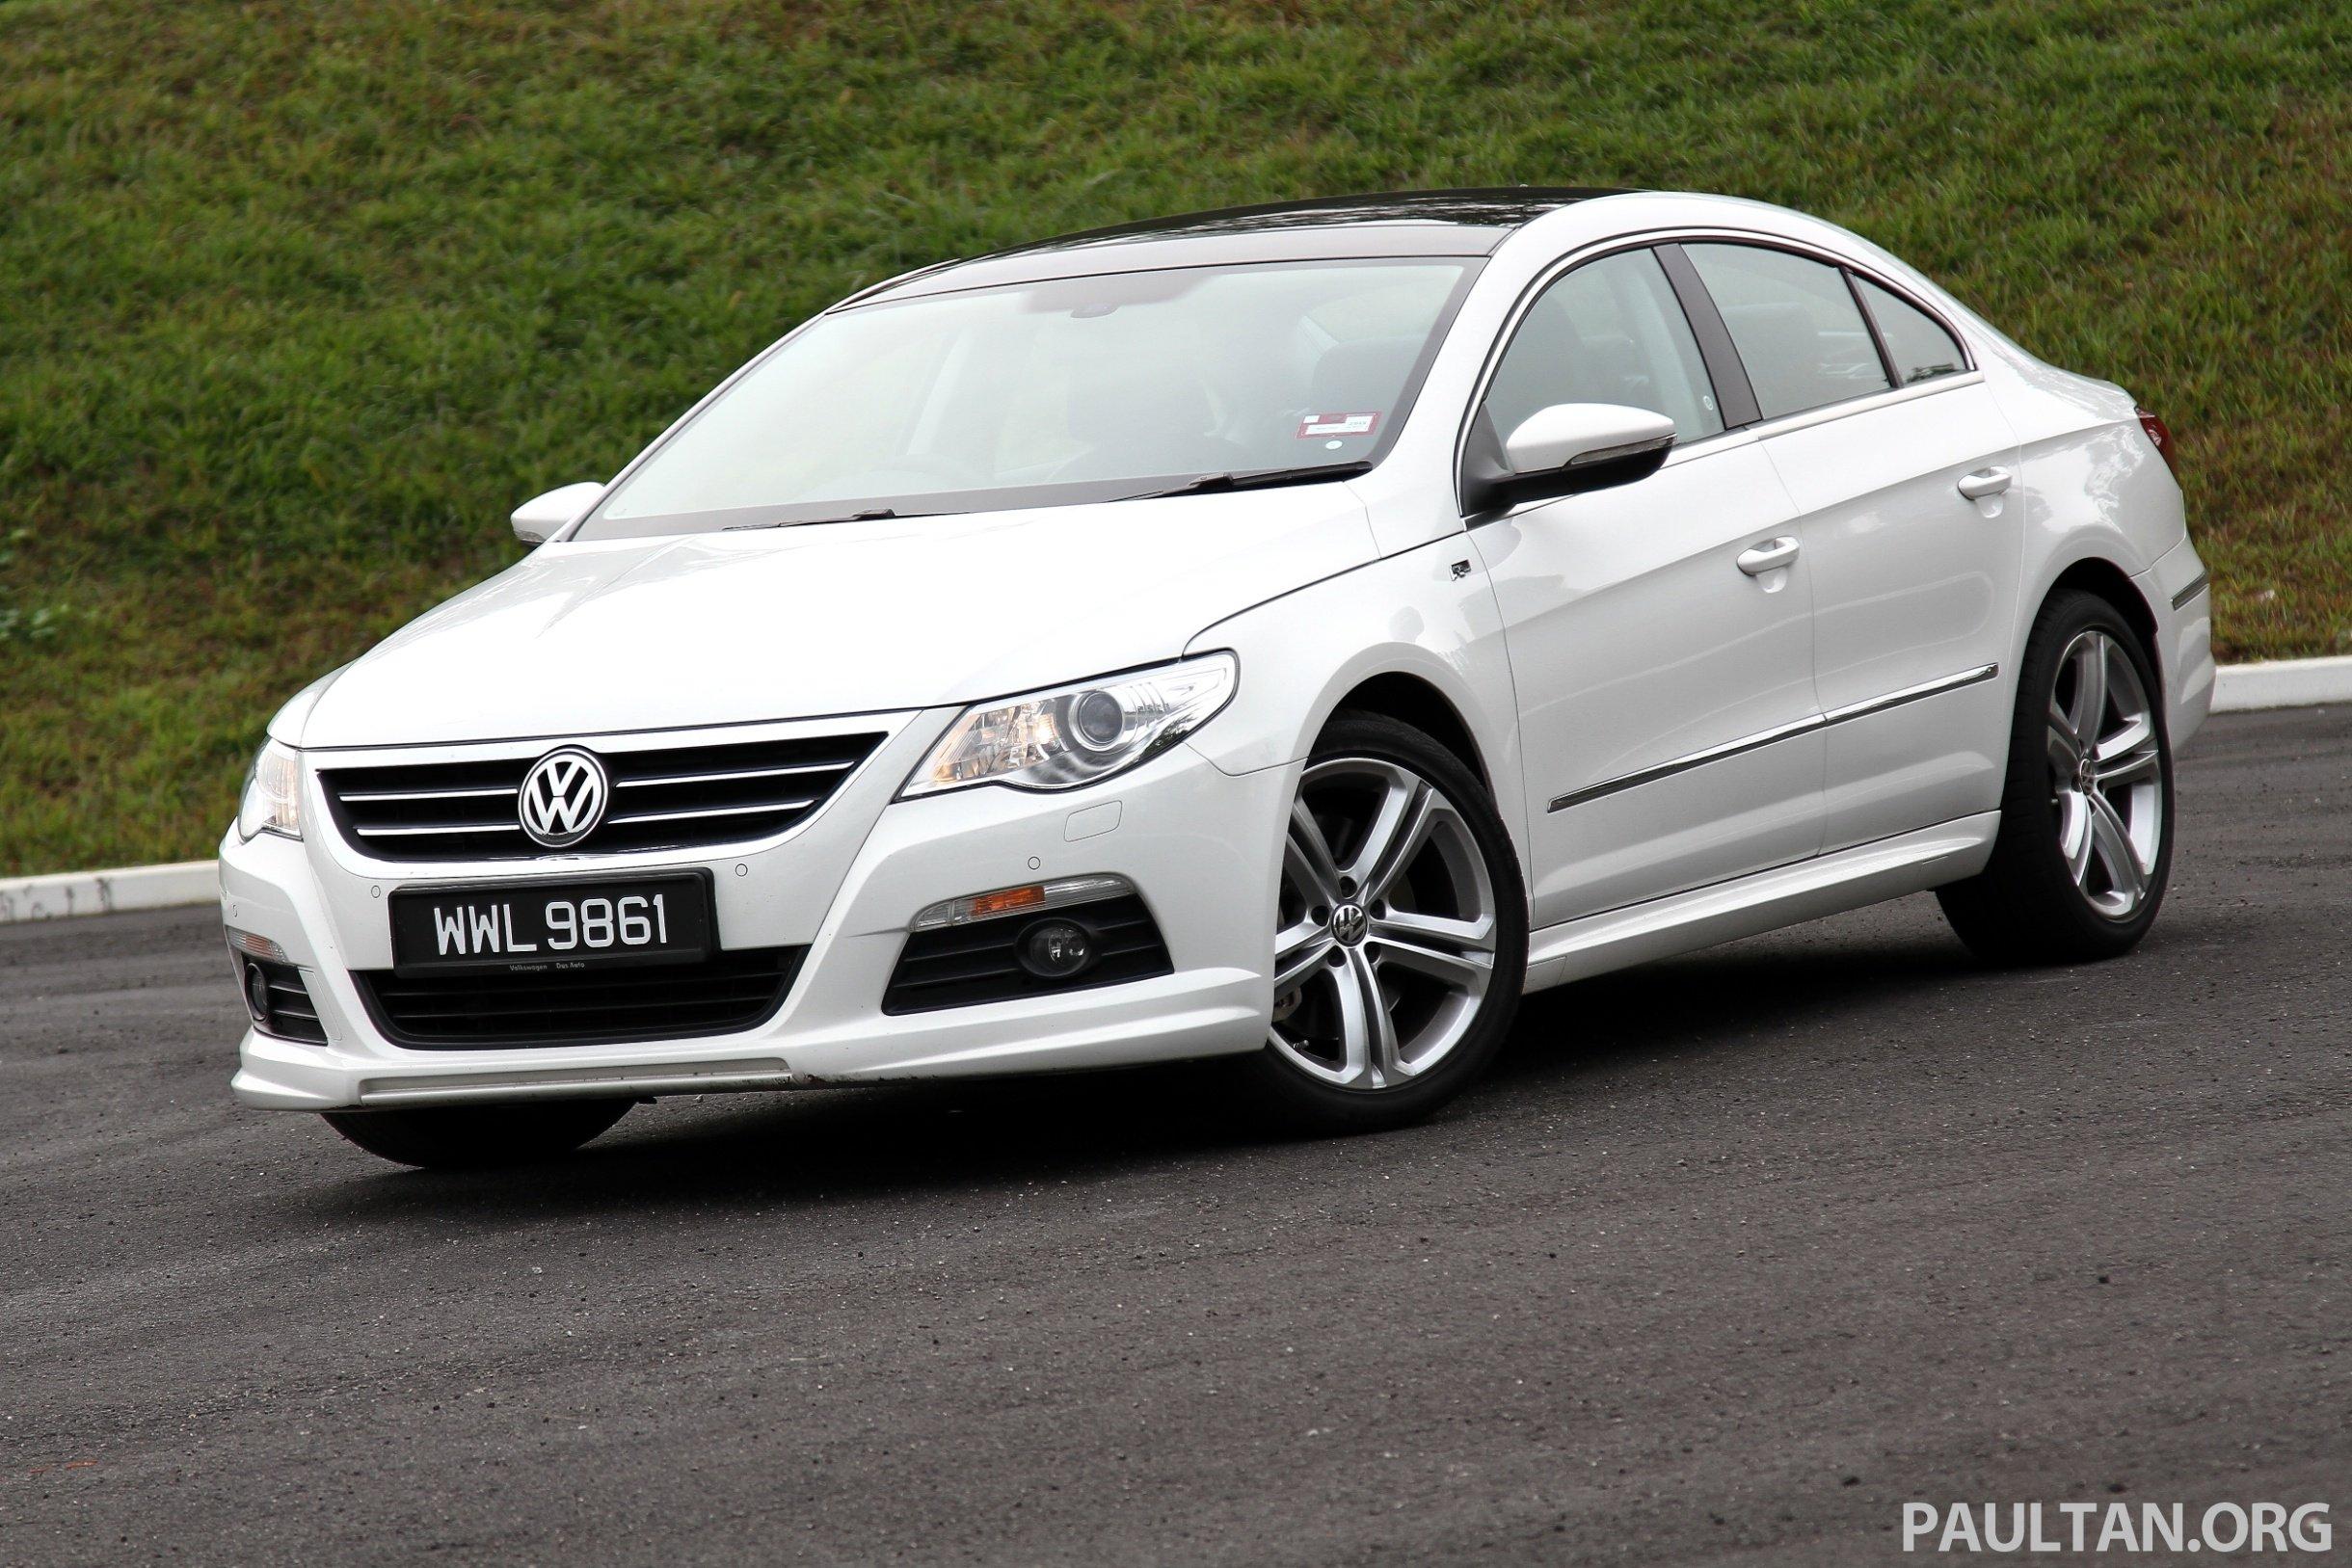 Volkswagen Passat Cc R Line 3 6l Test Drive Review Paul